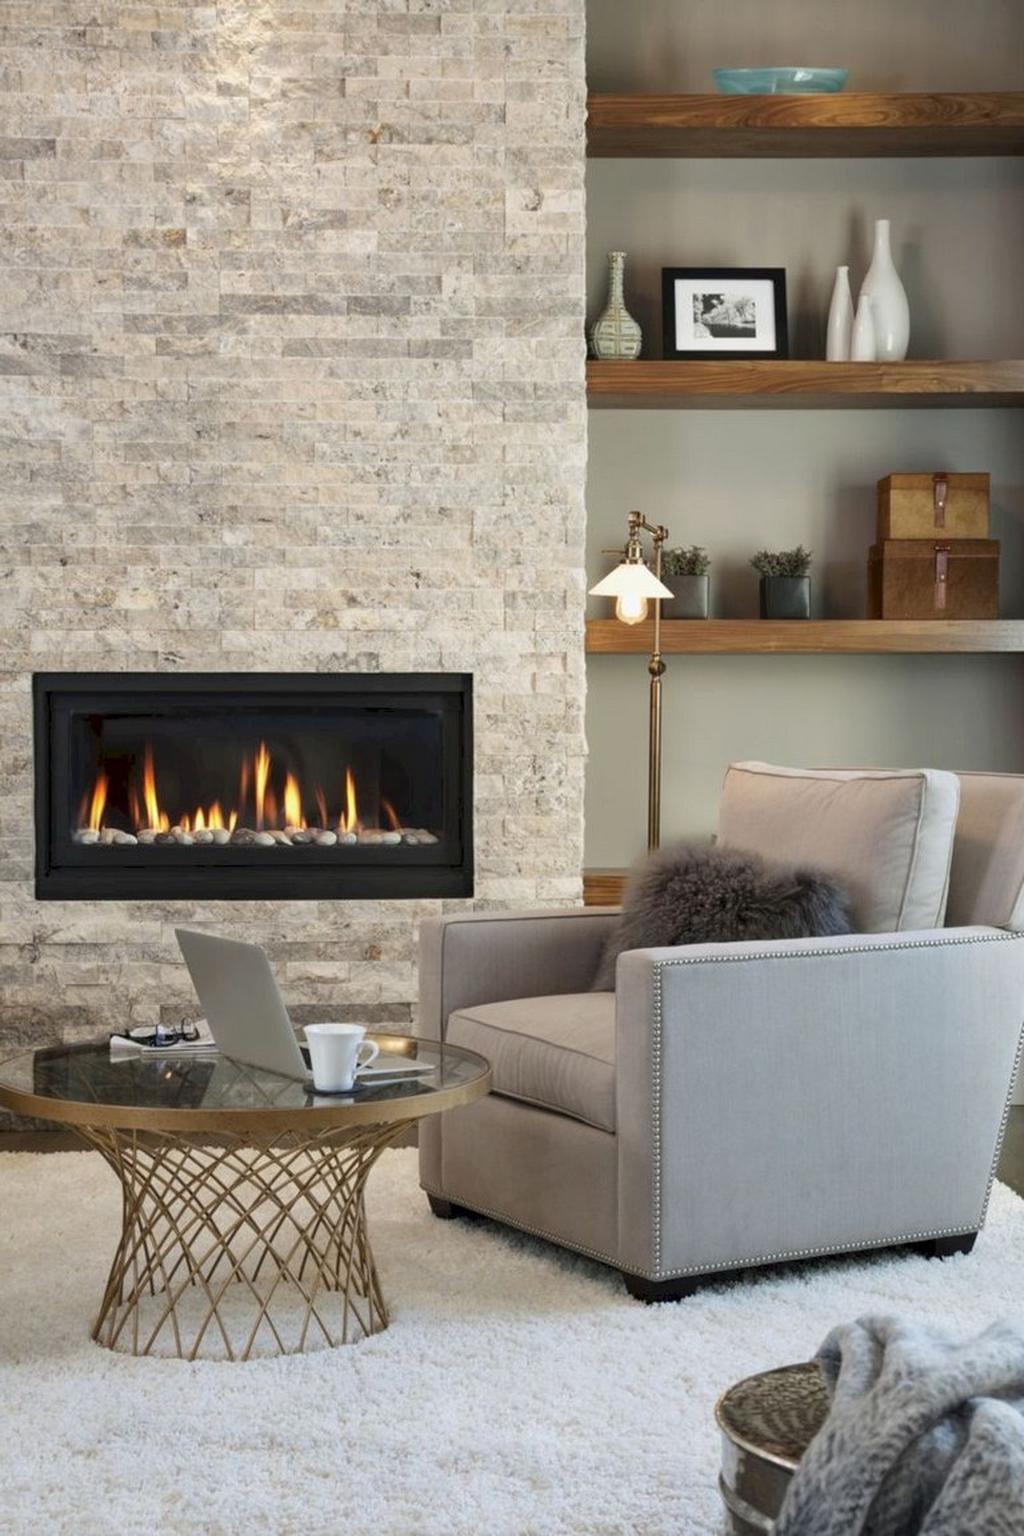 31 Stunning Modern Fireplace Design Ideas In 2020 Comfy Li